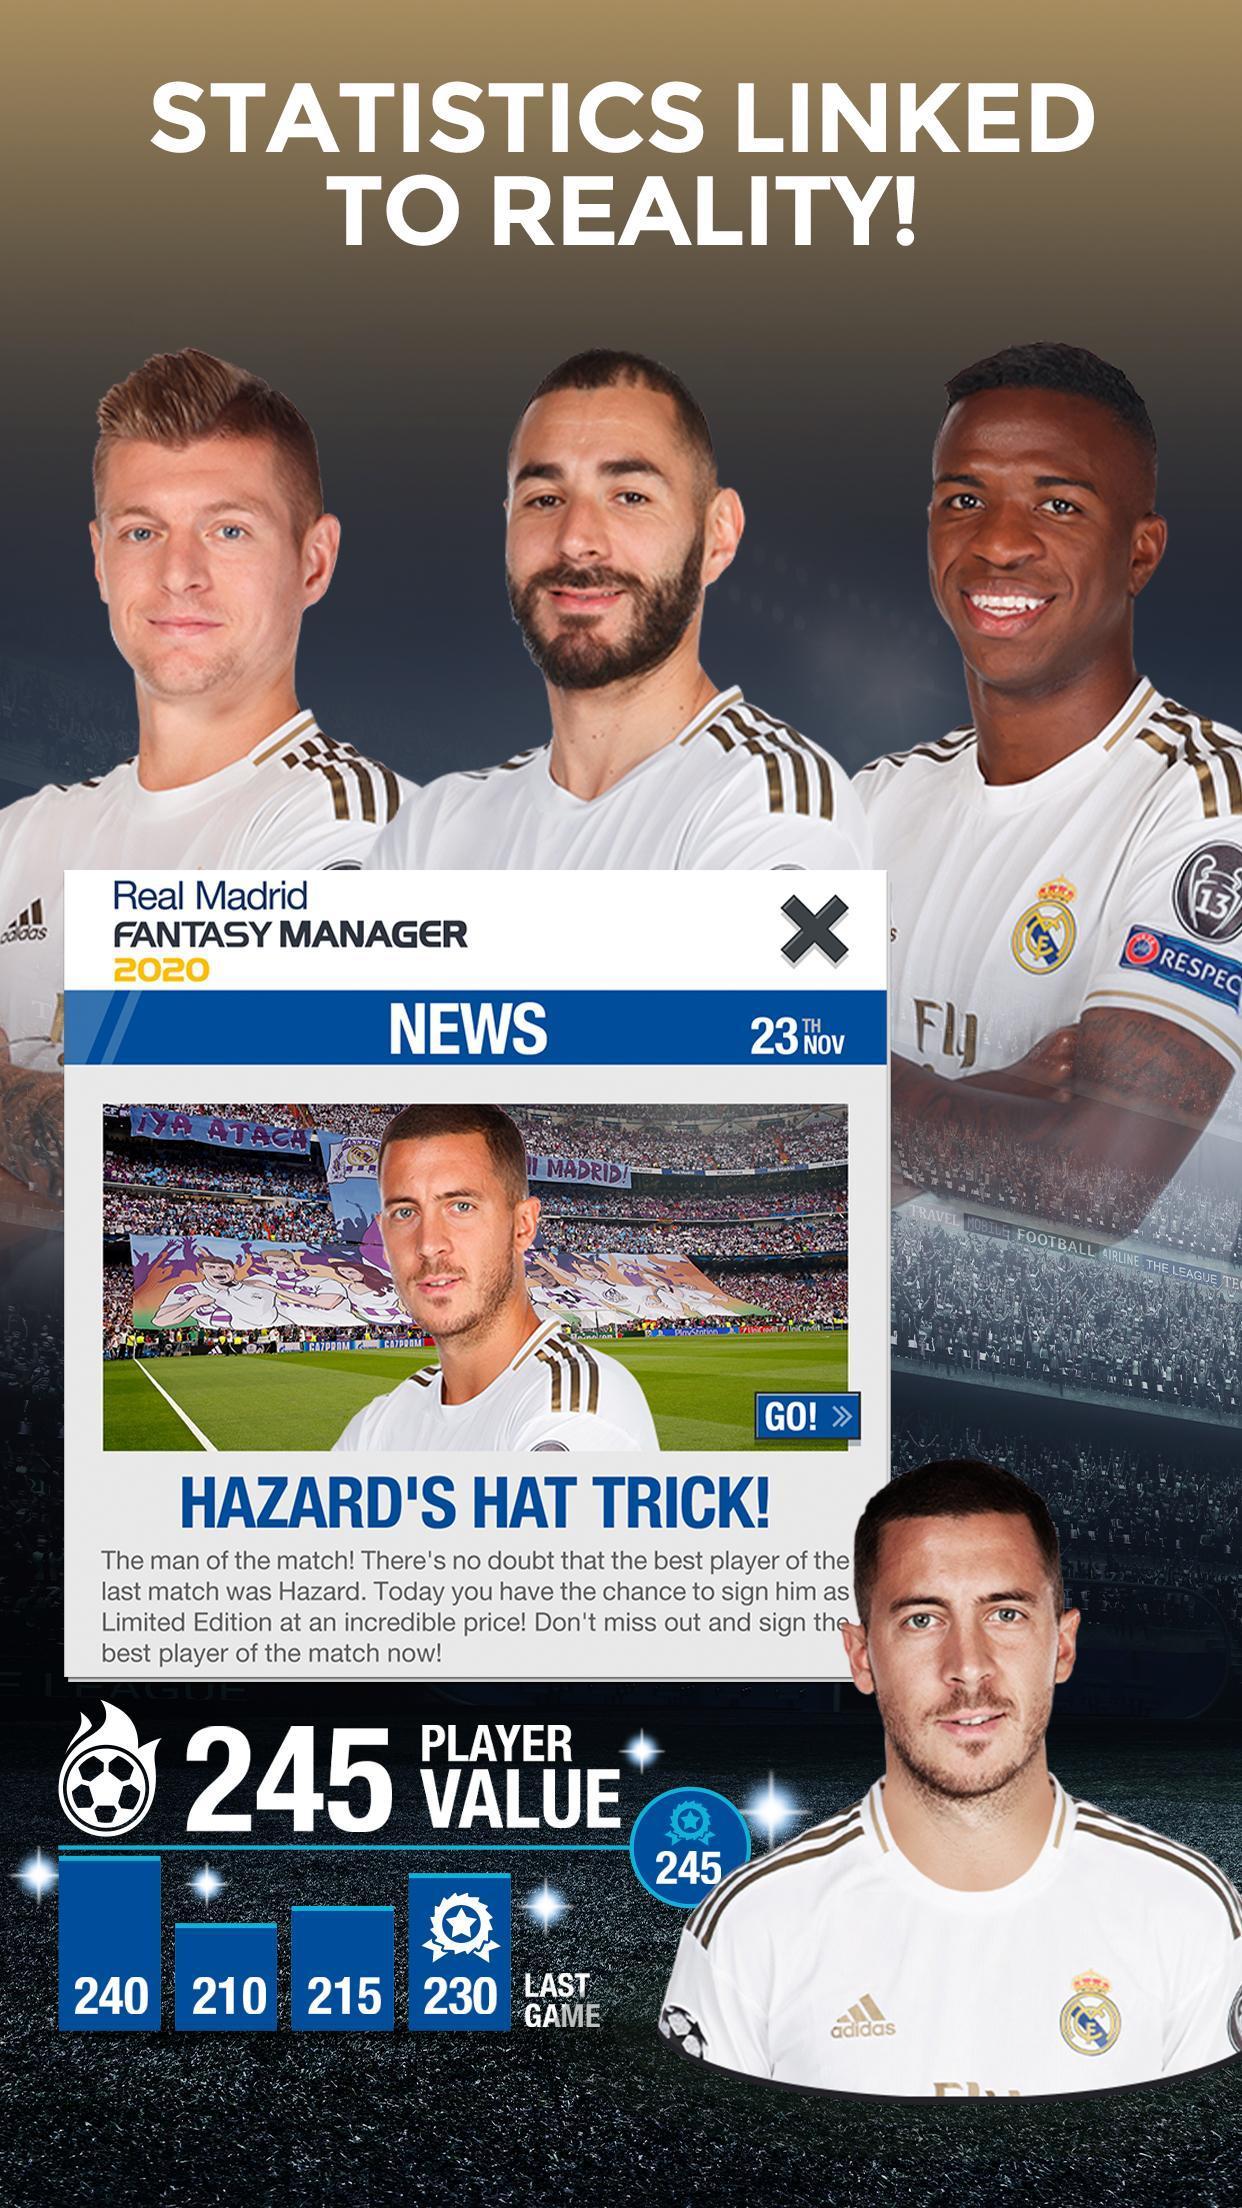 Real Madrid Fantasy Manager'20 Real football live screenshot 4